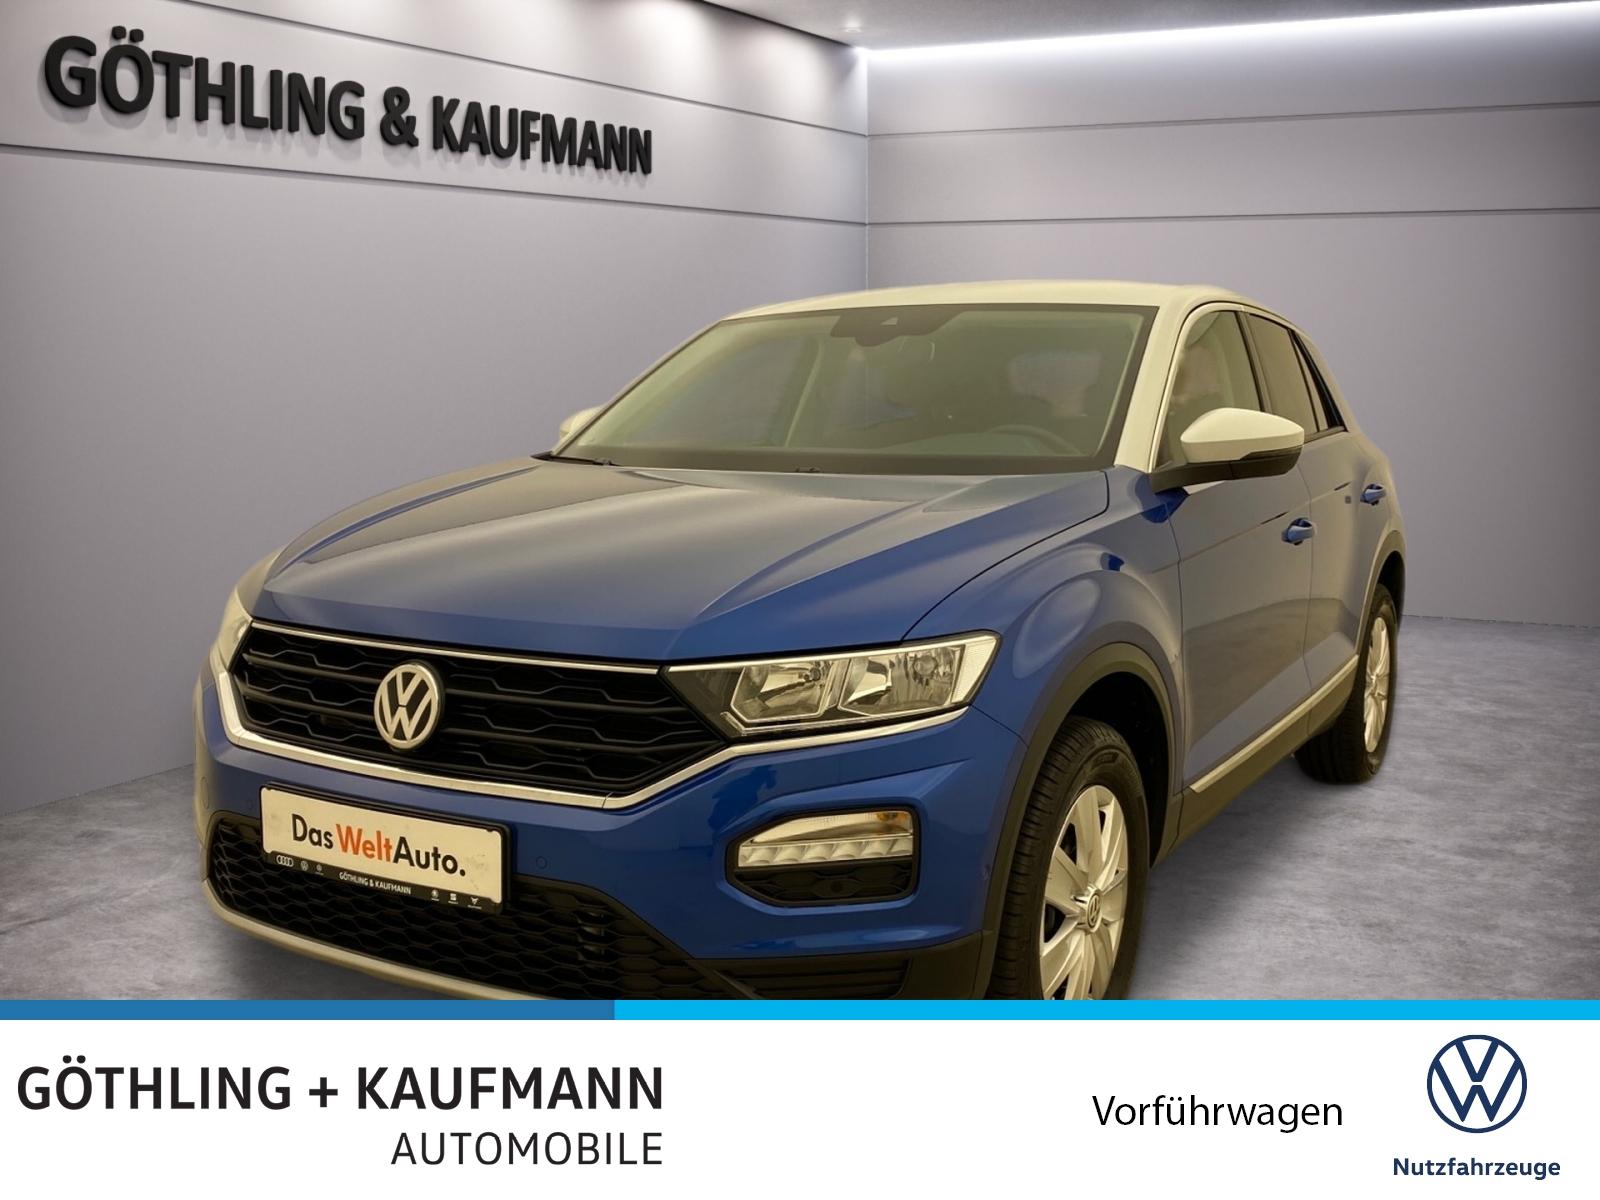 Volkswagen T-Roc 2.0 TDI Style DSG 110kW*ACC*Kamera*Front A, Jahr 2019, Diesel